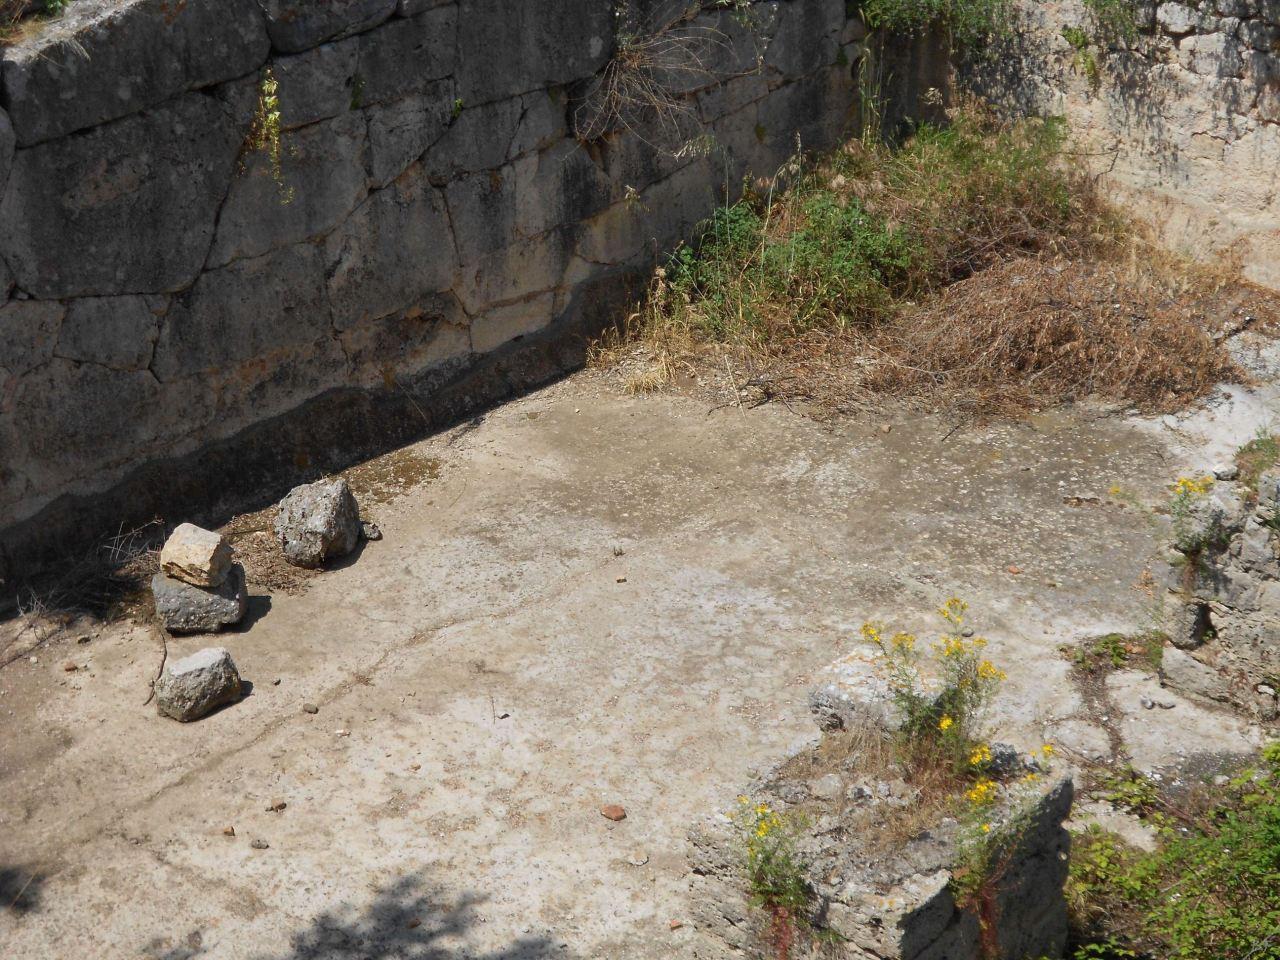 Cosa-Mura-Megalitiche-Ansedonia-Grosseto-Toscana-Italia-28